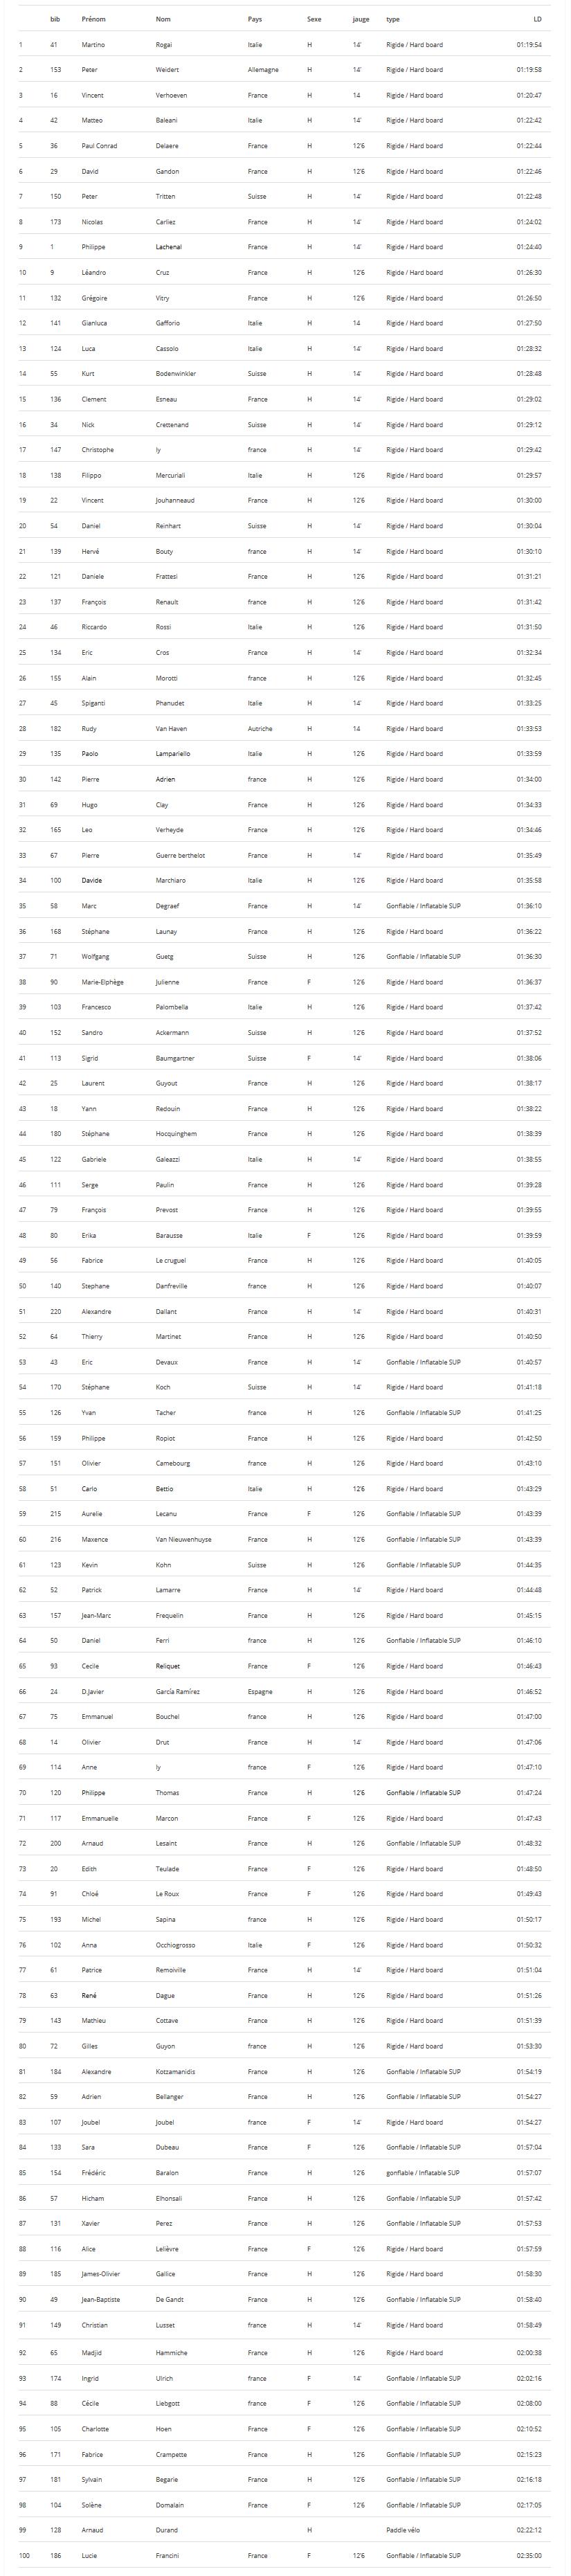 glagla race alpine lake tour 2016 classement longue distance